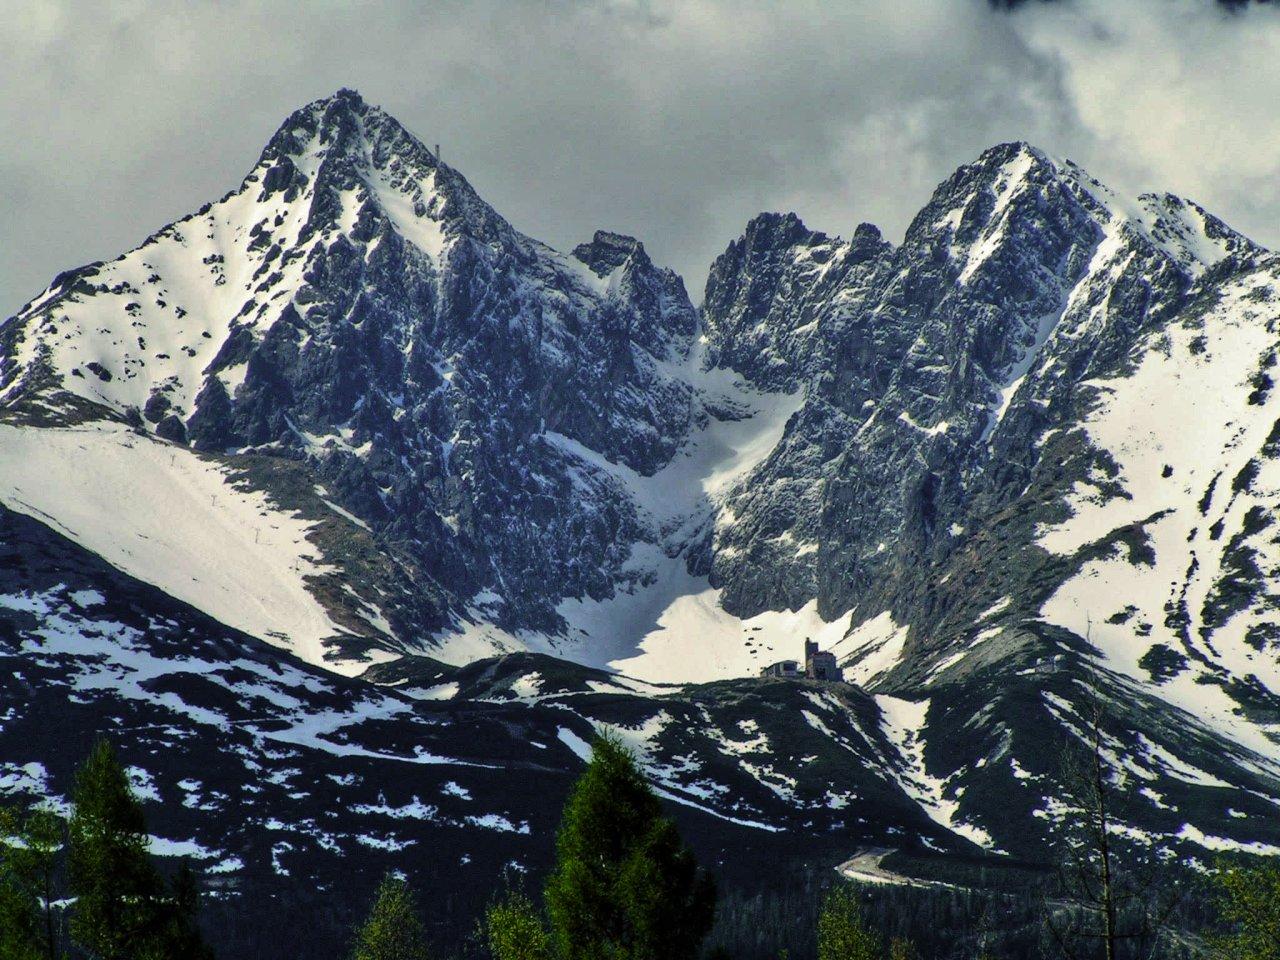 Lomnický štít peak, Tatra mountains, Slovakia